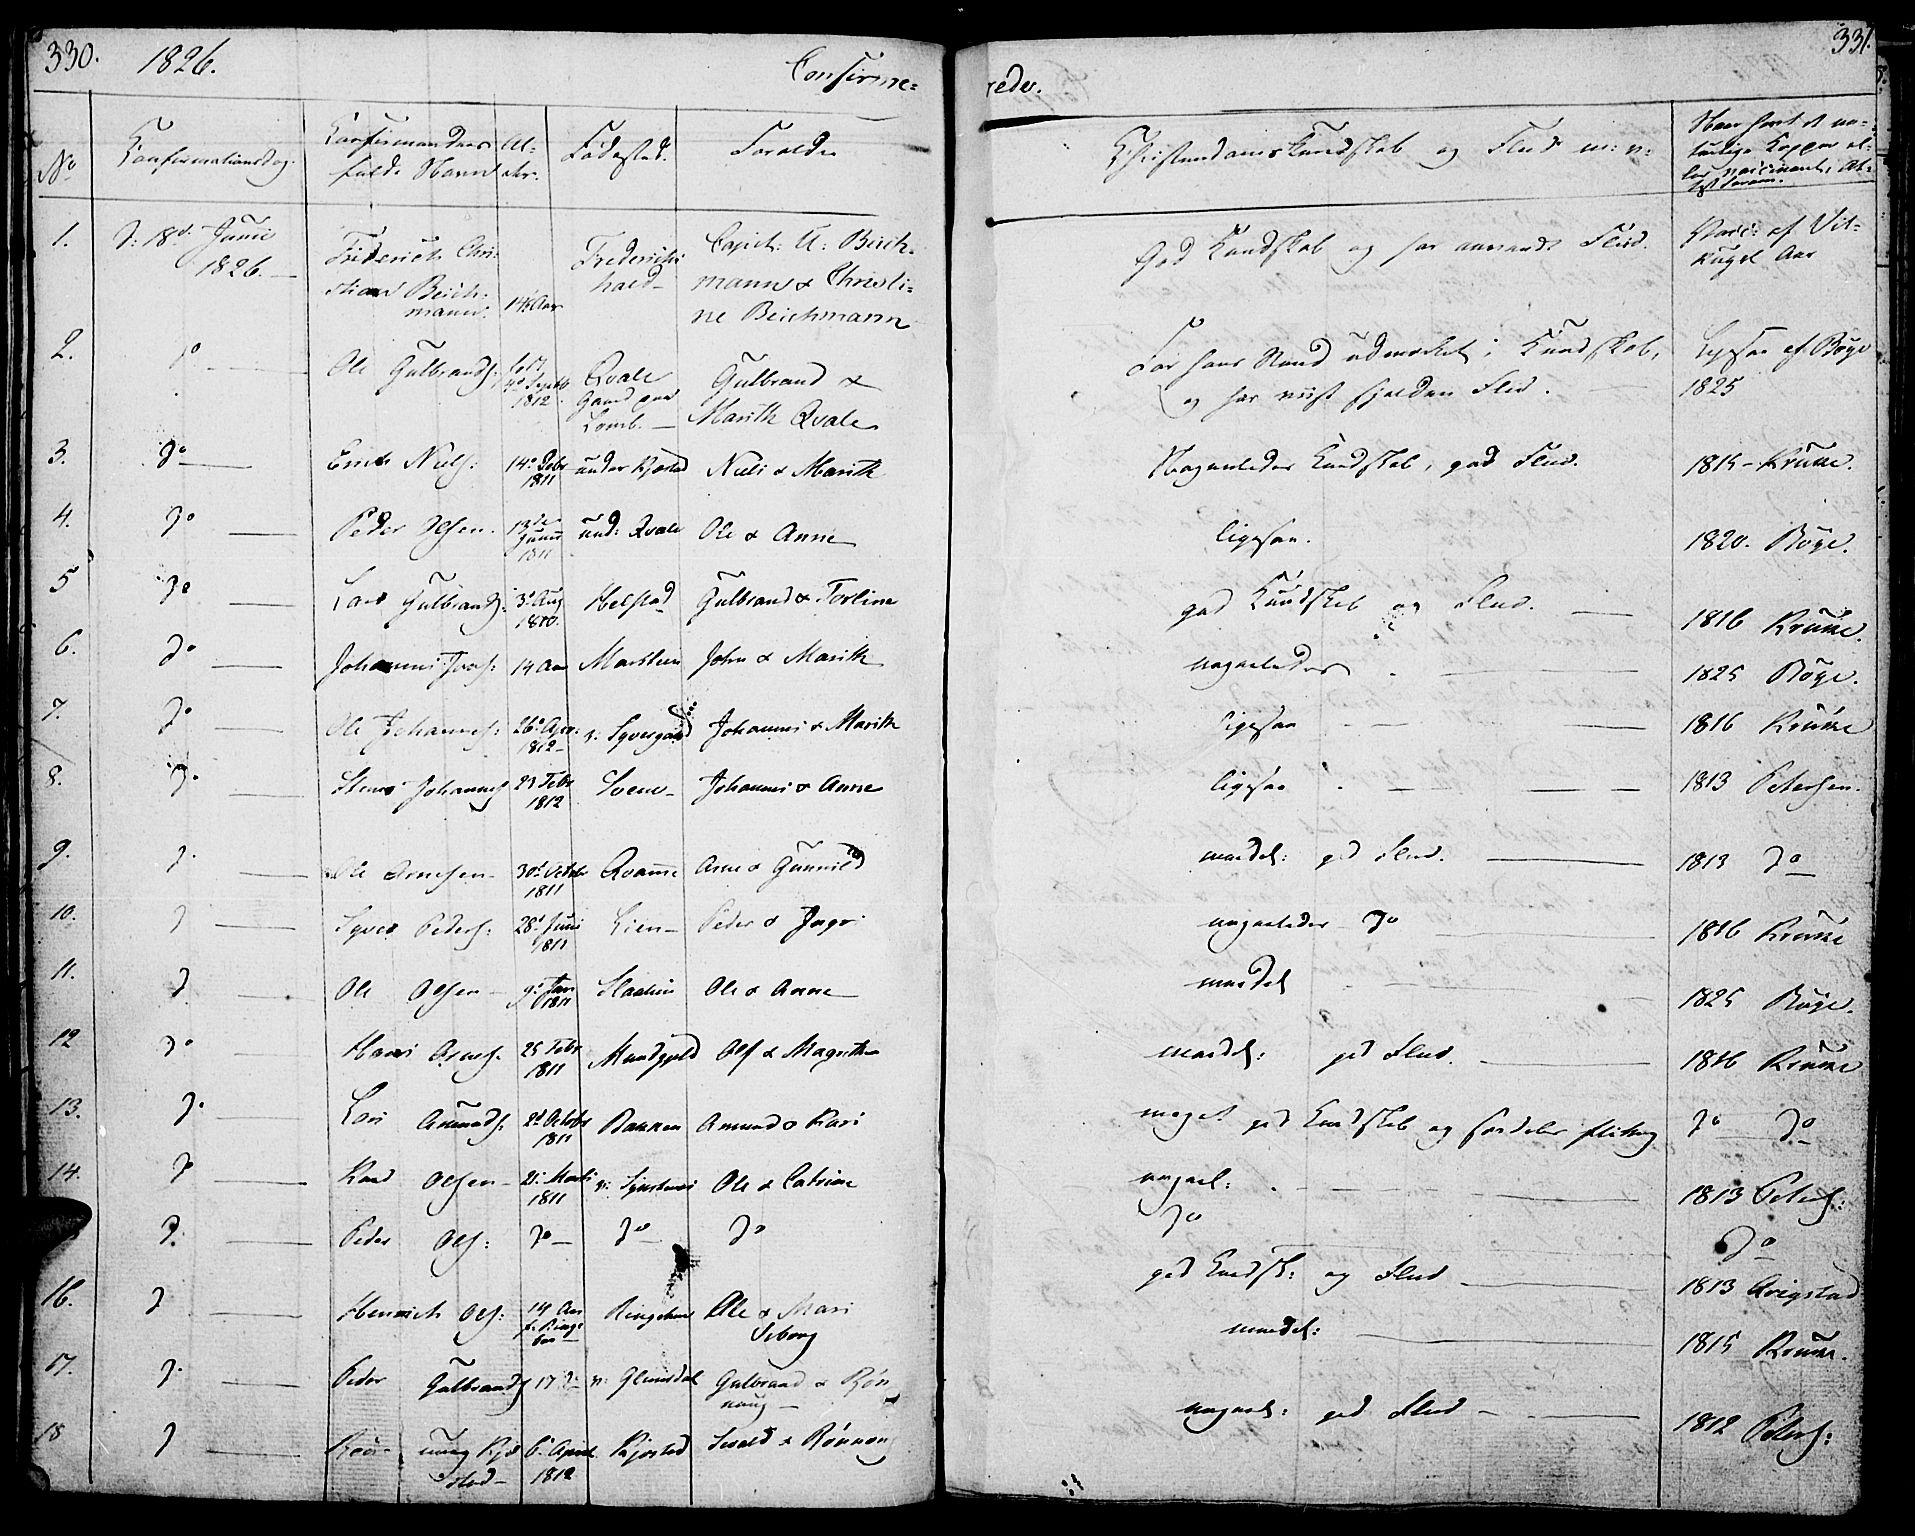 SAH, Lom prestekontor, K/L0005: Ministerialbok nr. 5, 1825-1837, s. 330-331